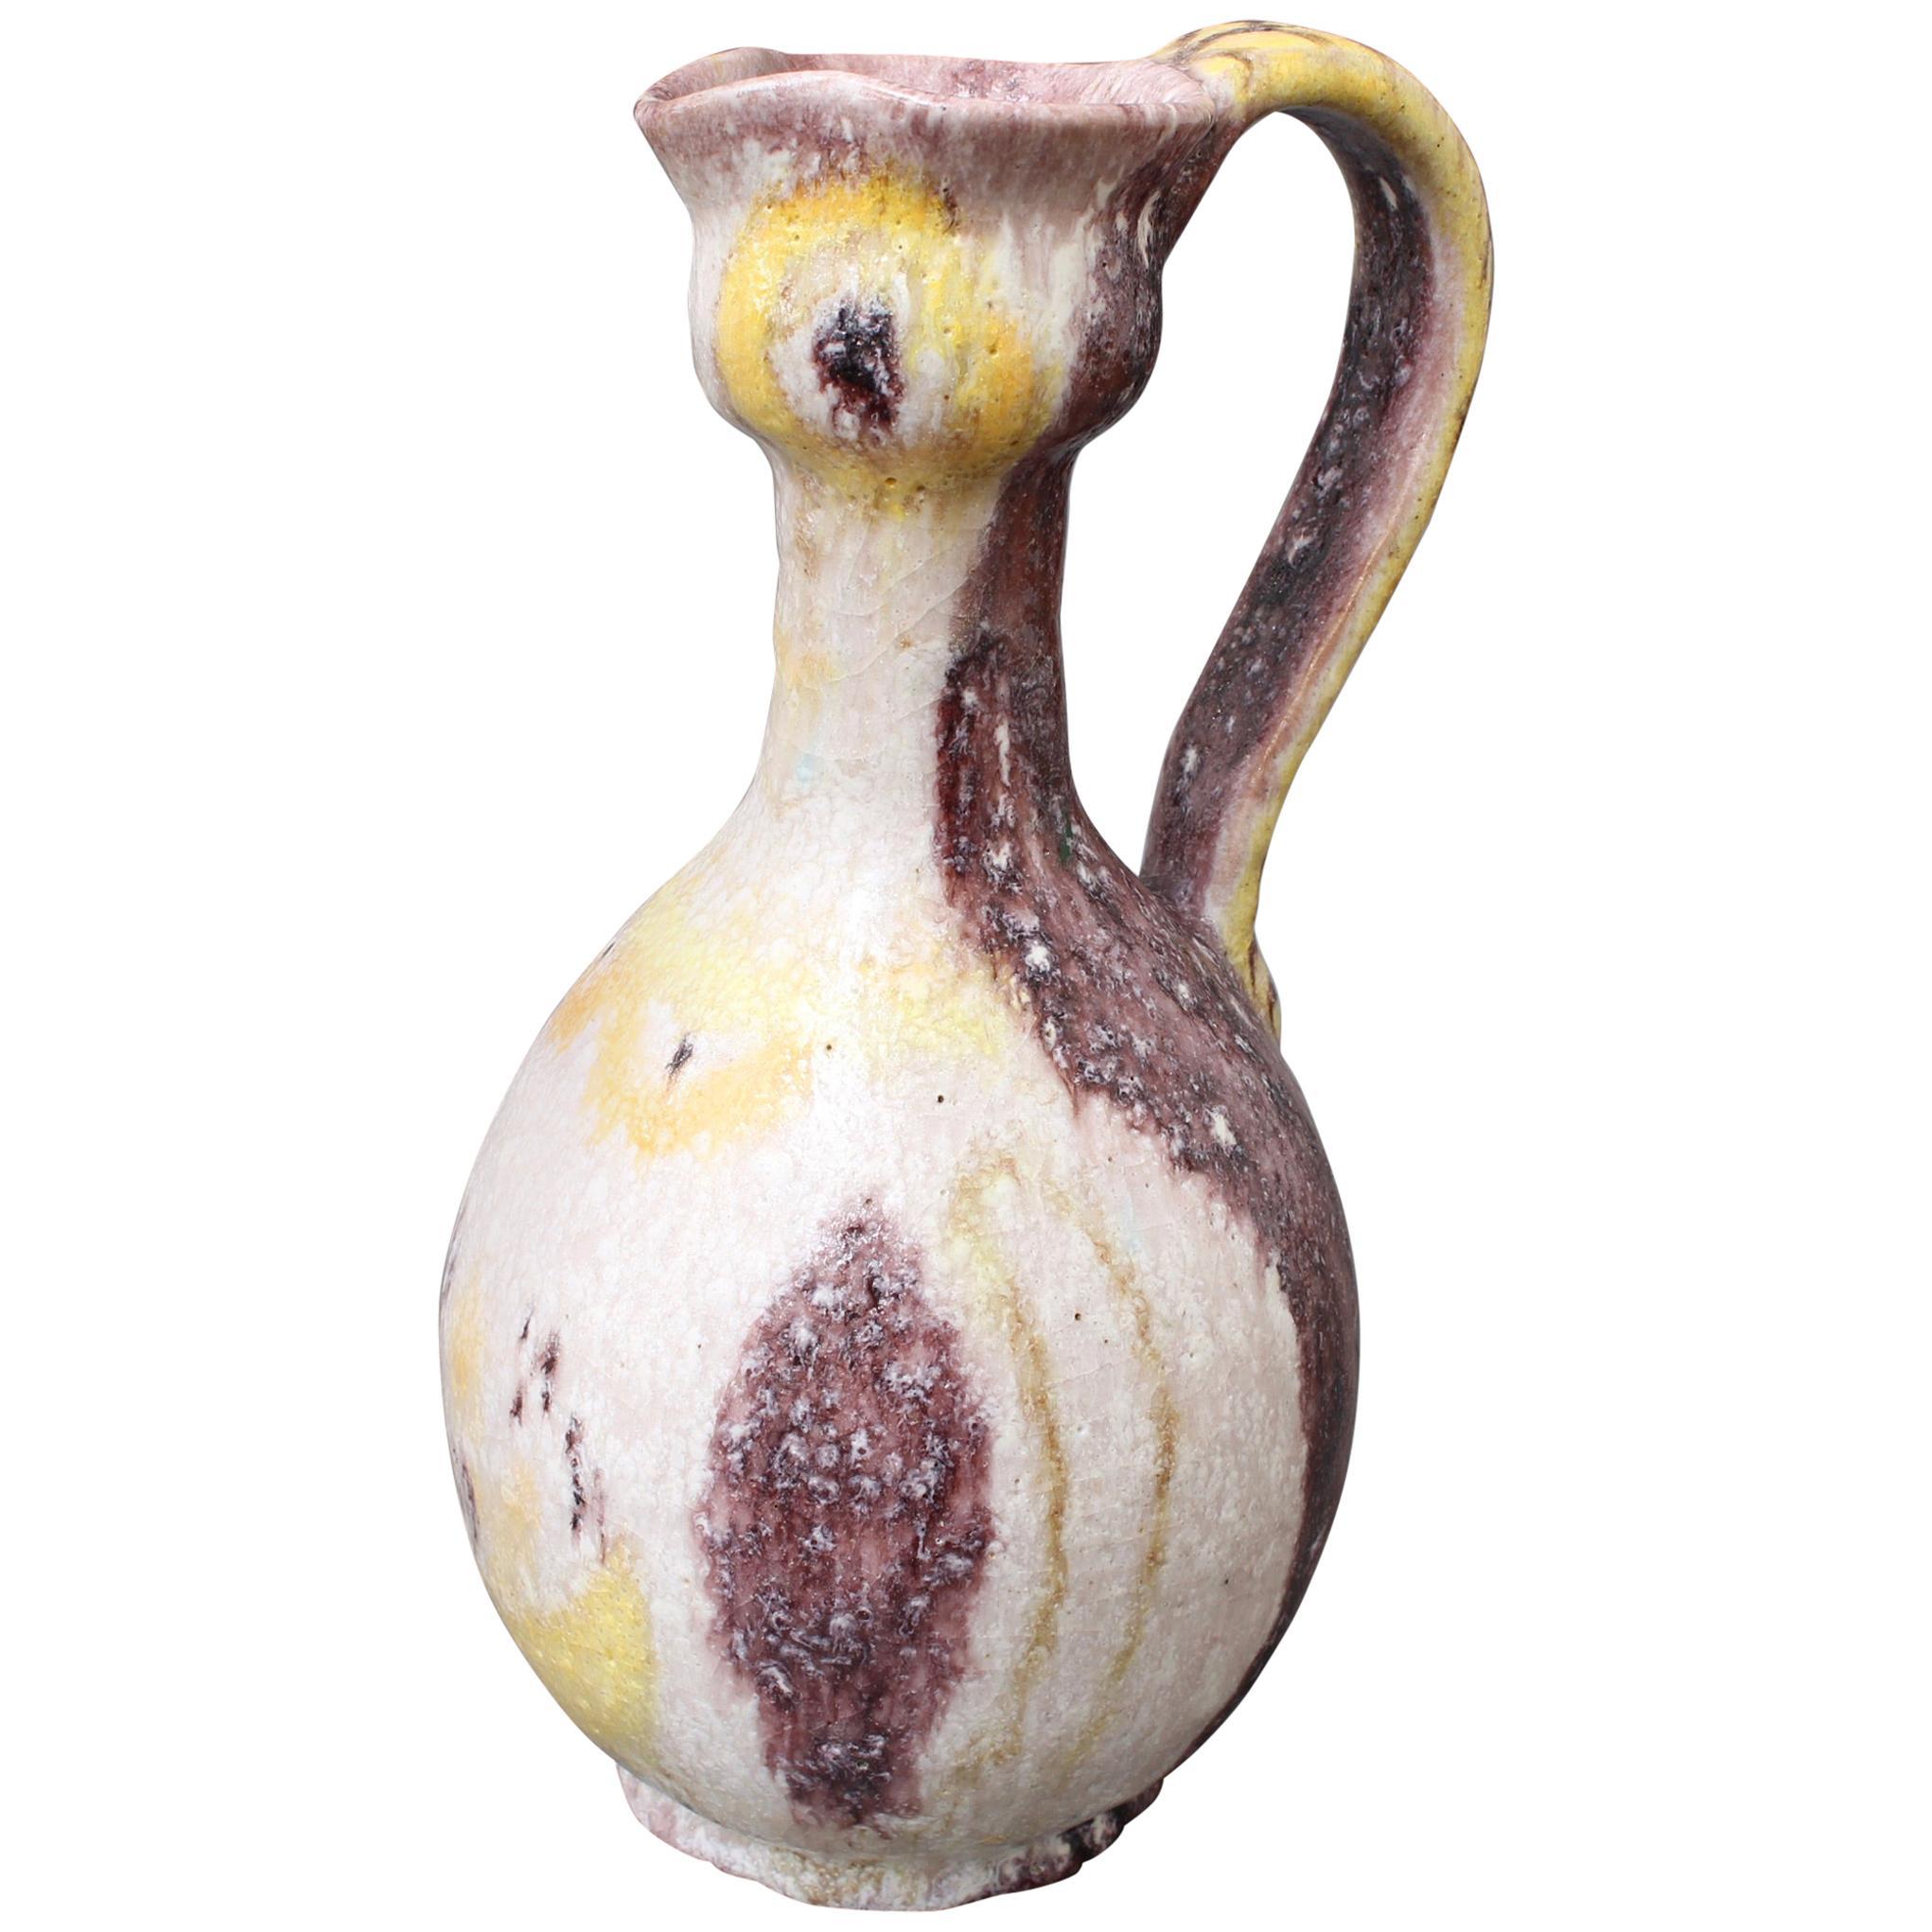 Midcentury Italian Ceramic Pitcher by Guido Gambone, circa 1950s